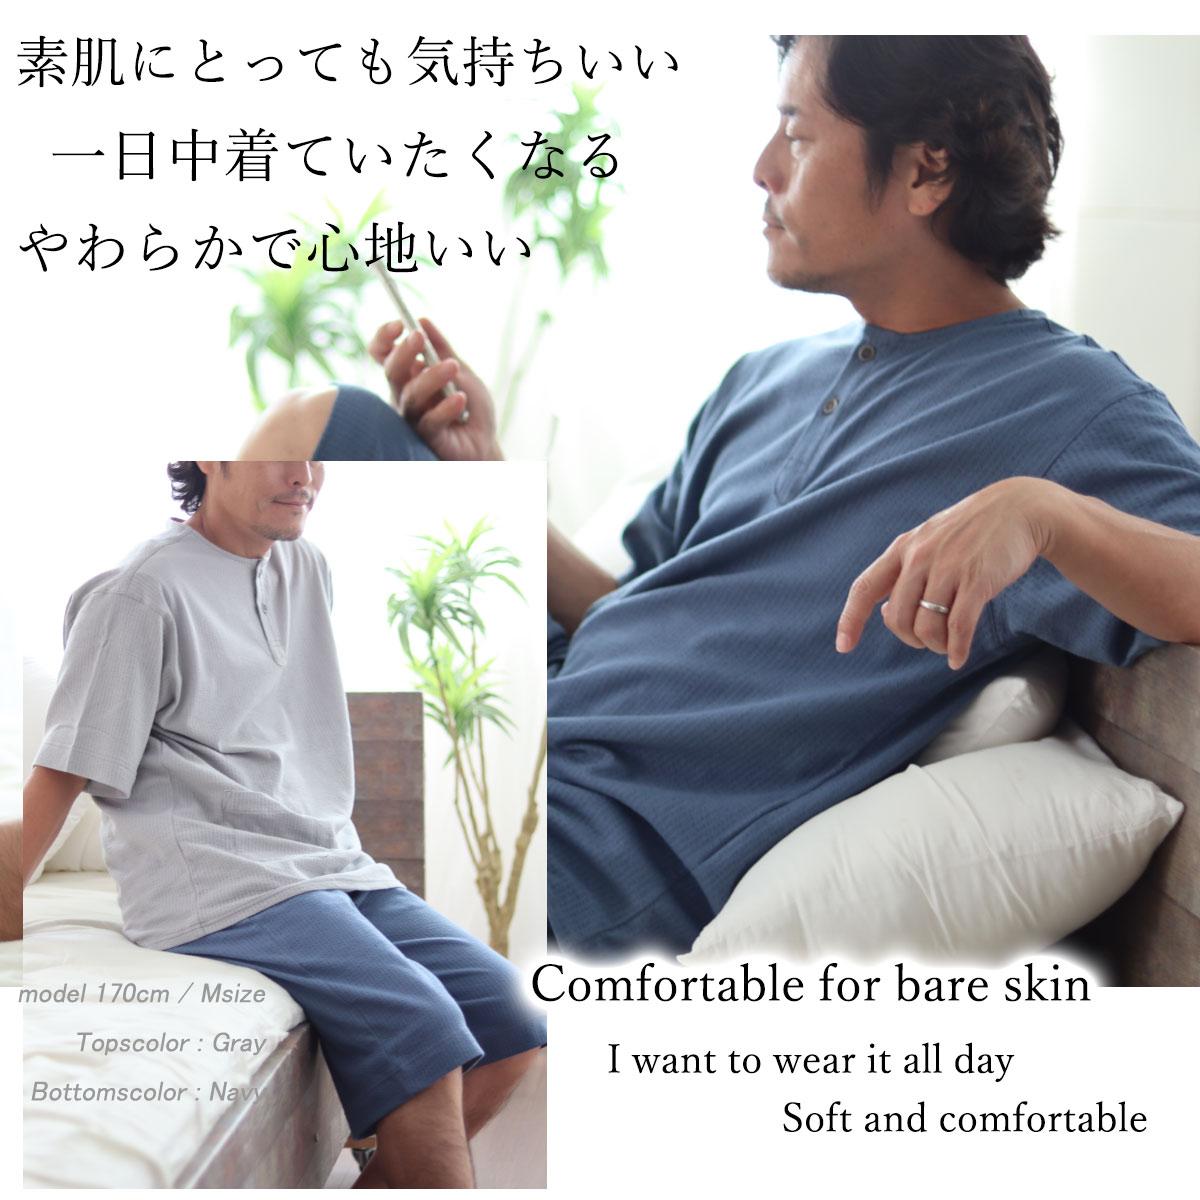 素肌にとっても気持ちいい 一日着ていたくなる やわらかで心地いい